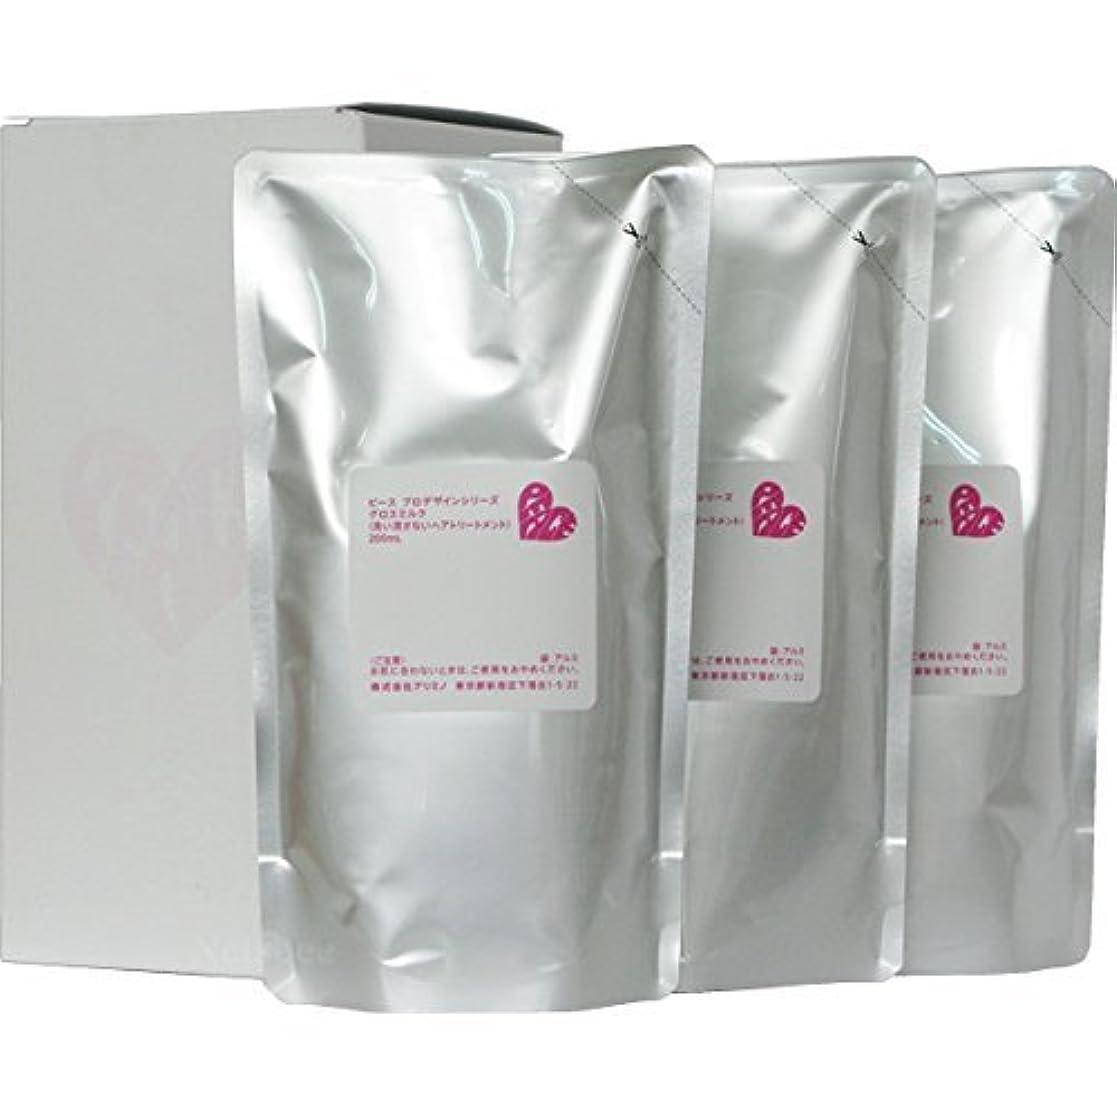 以上売上高耳ピース プロデザインシリーズ グロスミルク ホワイト リフィル 200ml×3